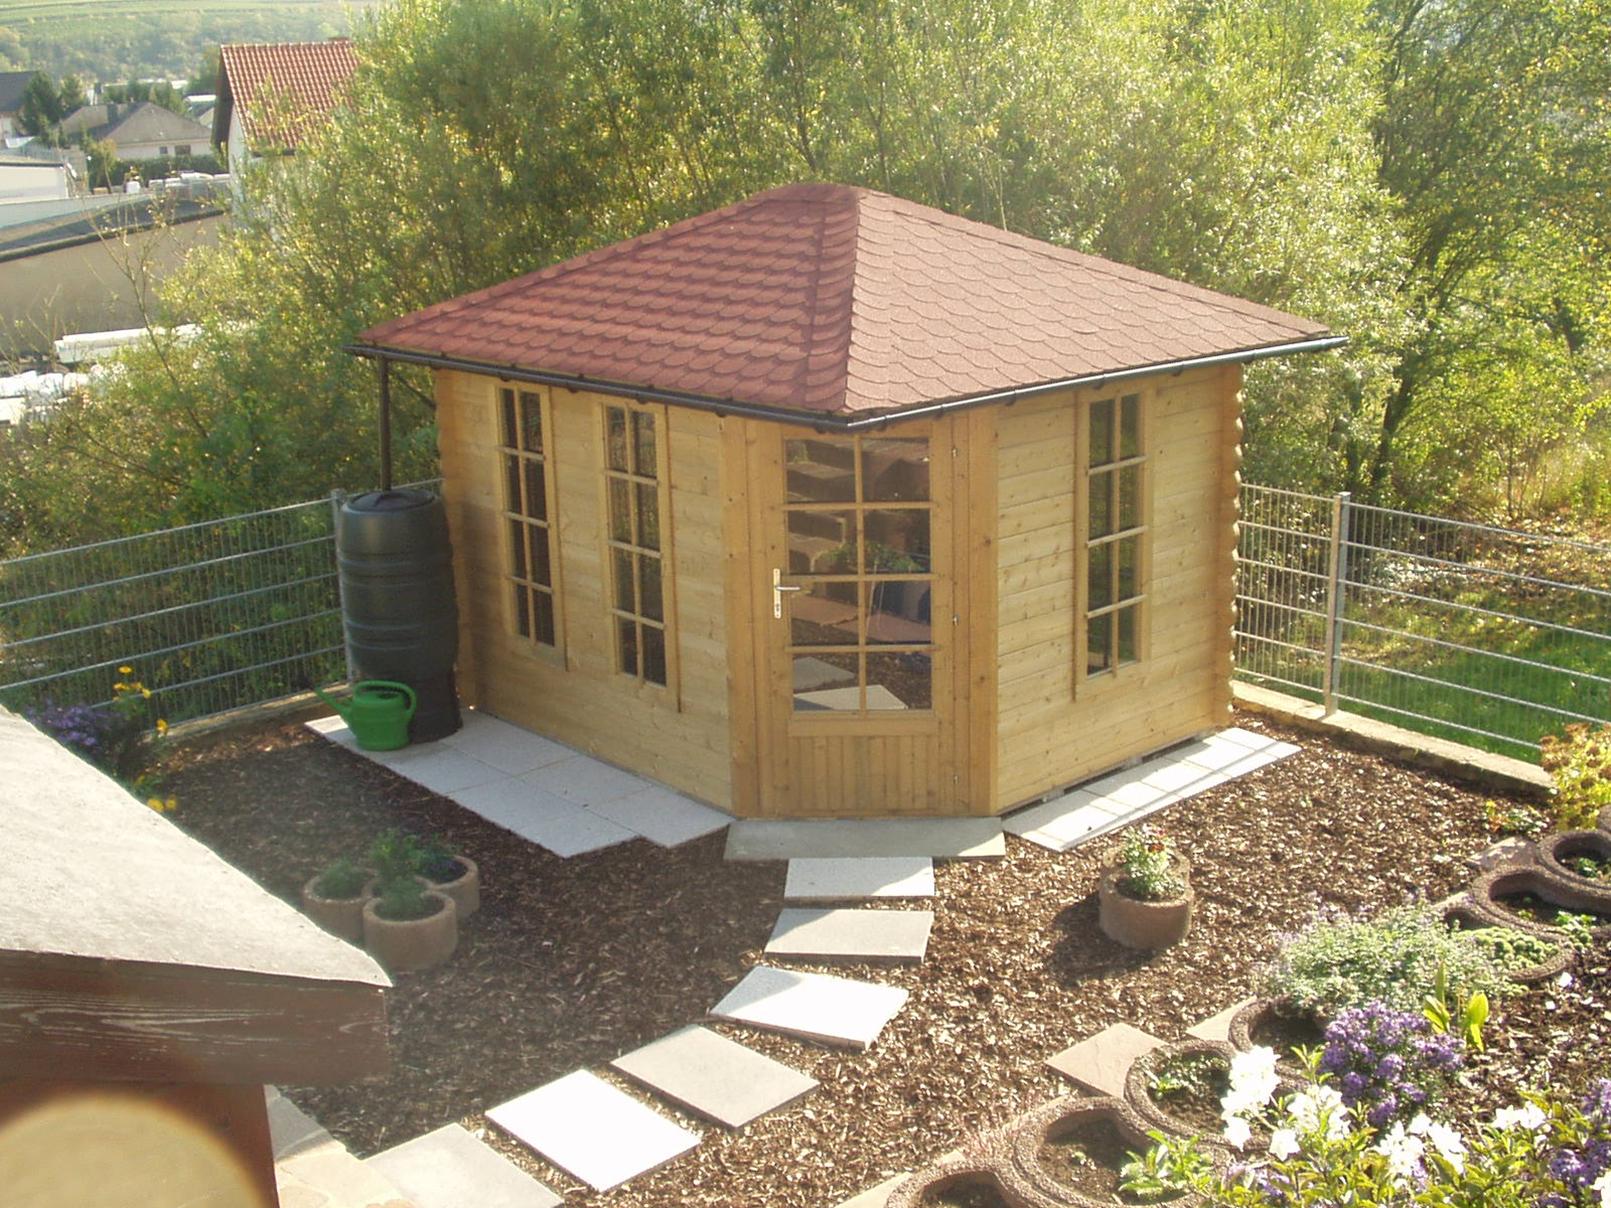 Cabane Jardin Resine Leroy Merlin - Abri De Jardin Et tout Abri De Jardin En Résine Leroy Merlin